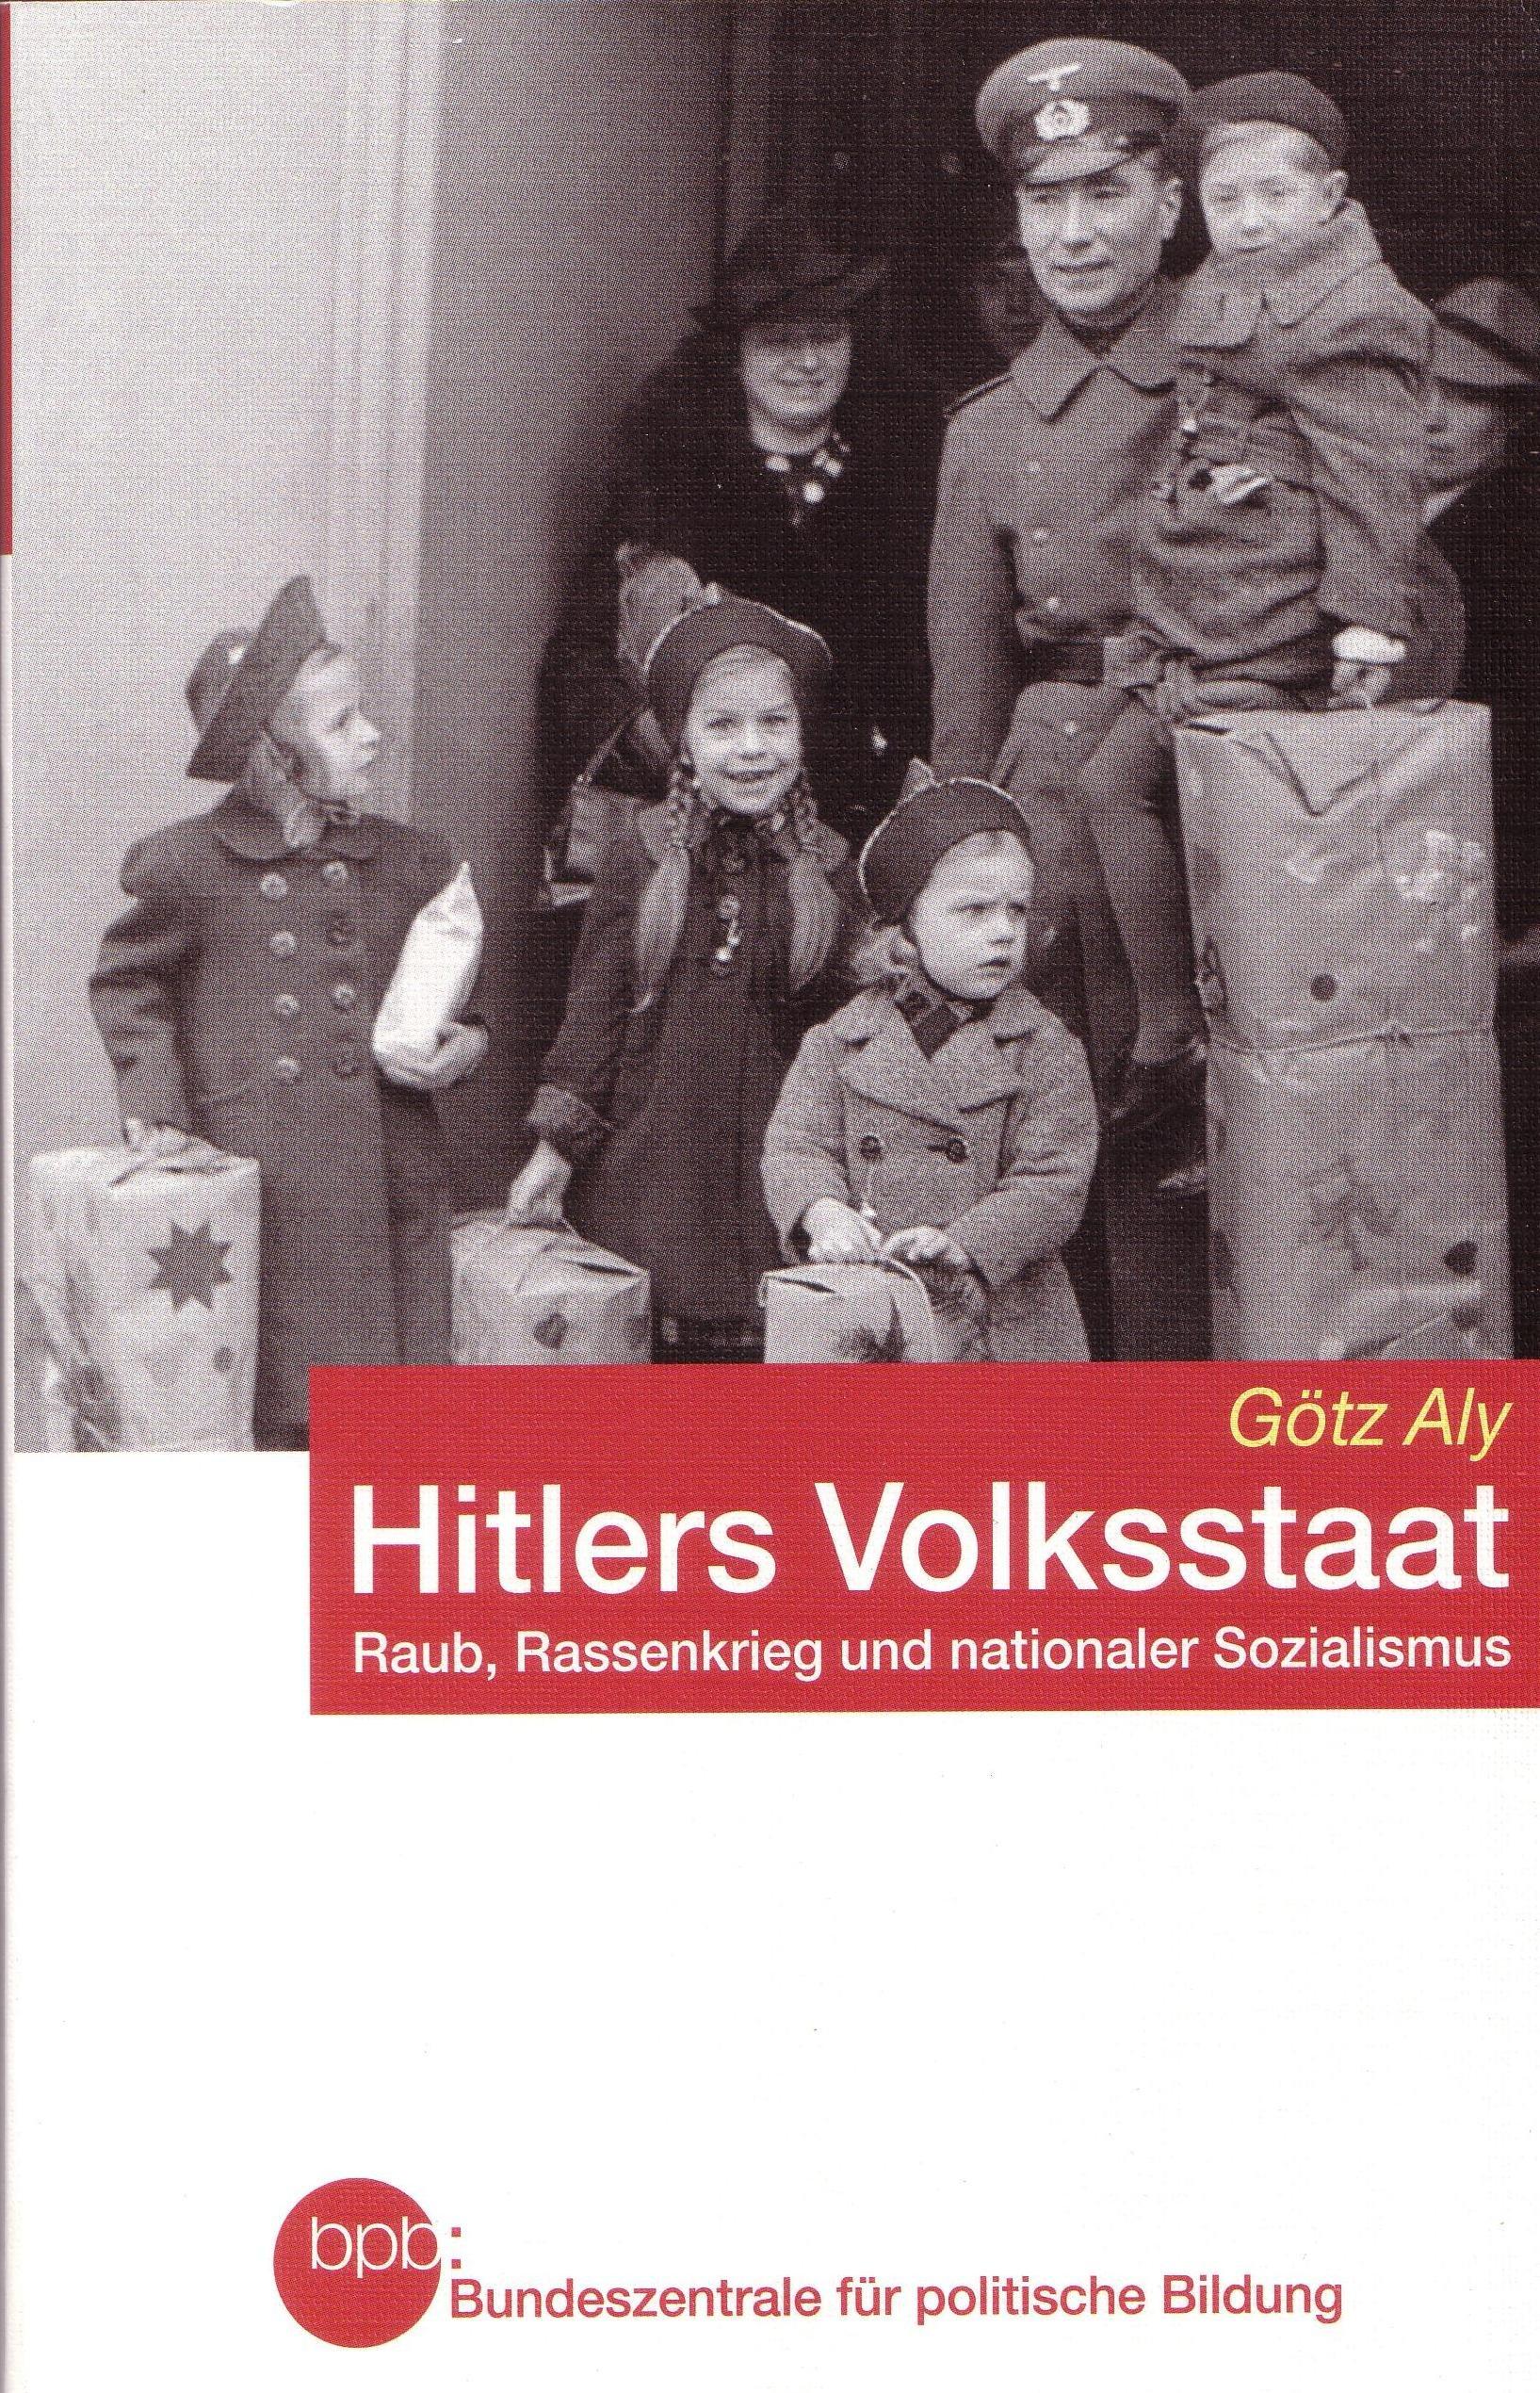 Hitlers Volksstaat: Raub, Rassenkrieg und nationaler Sozialismus